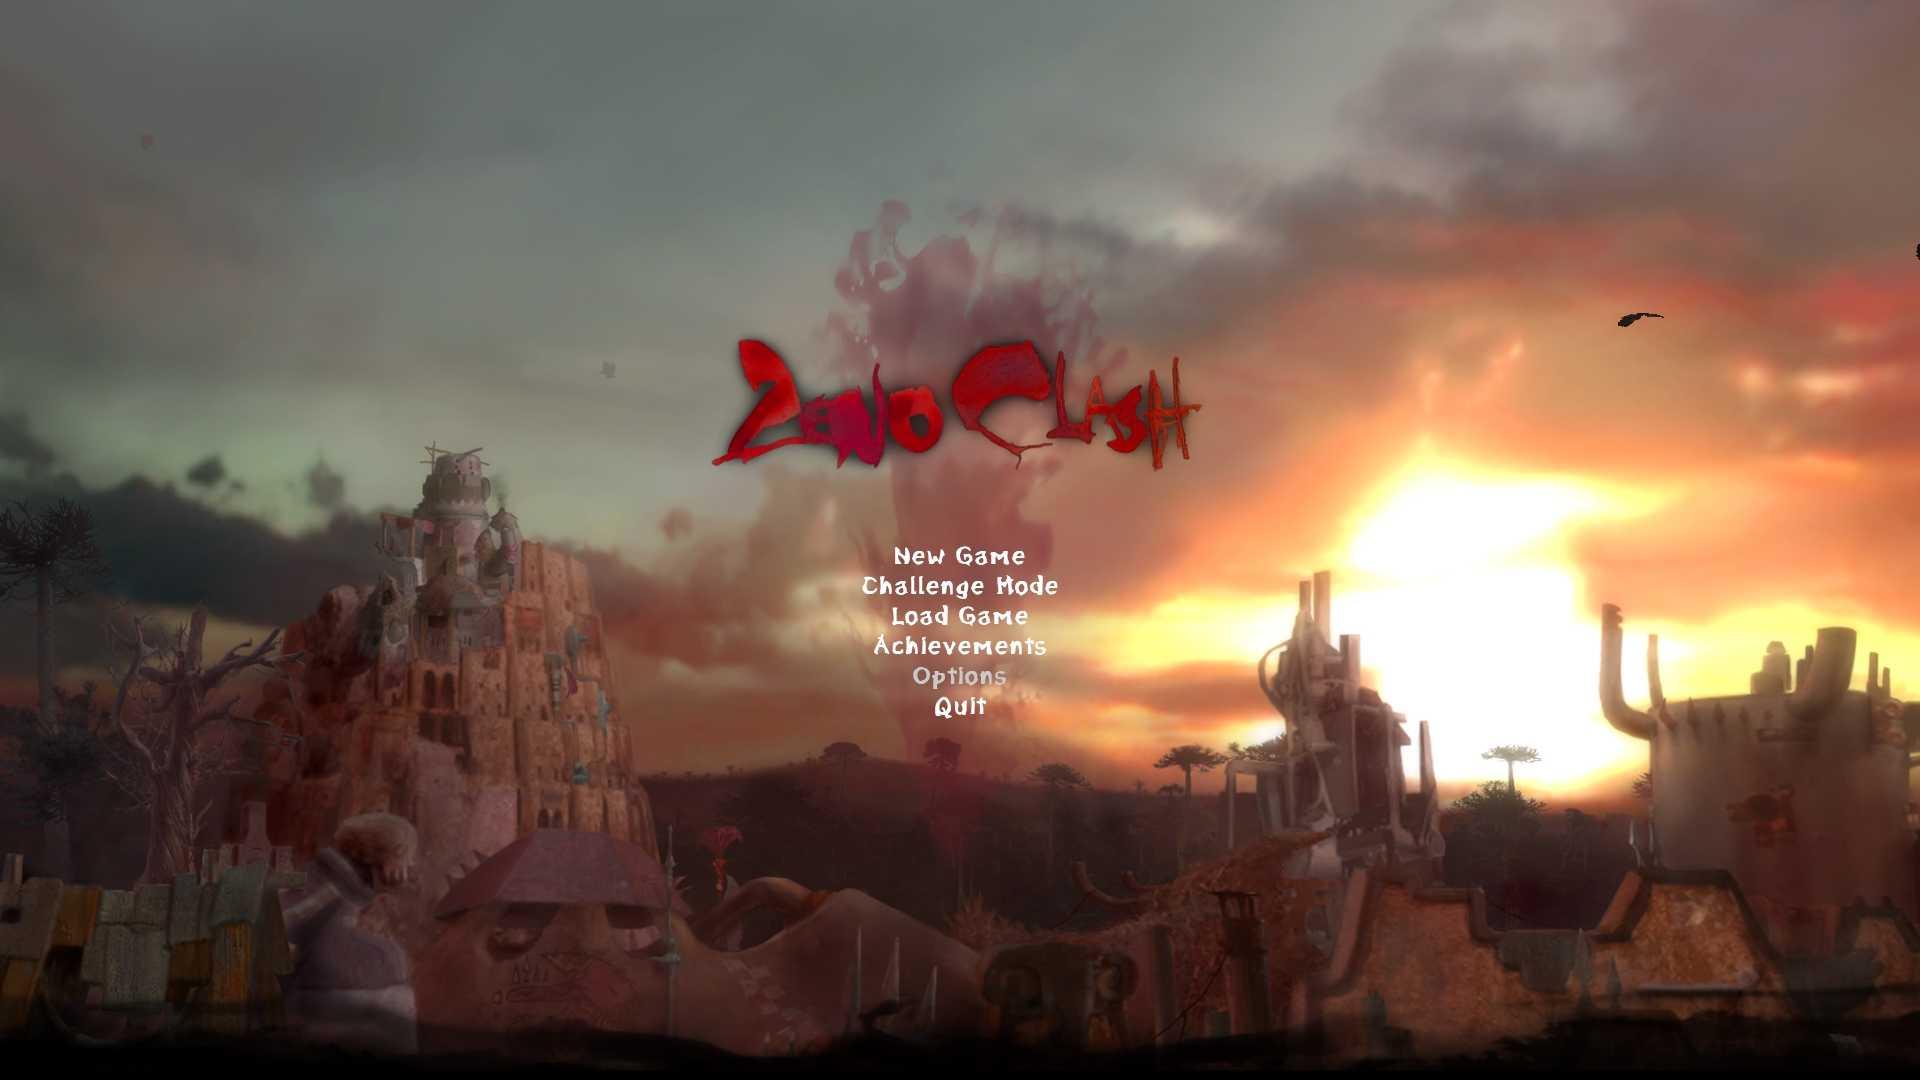 PC ゲーム Zeno Clash 日本語化メモ、ゲームを起動して Options をクリック